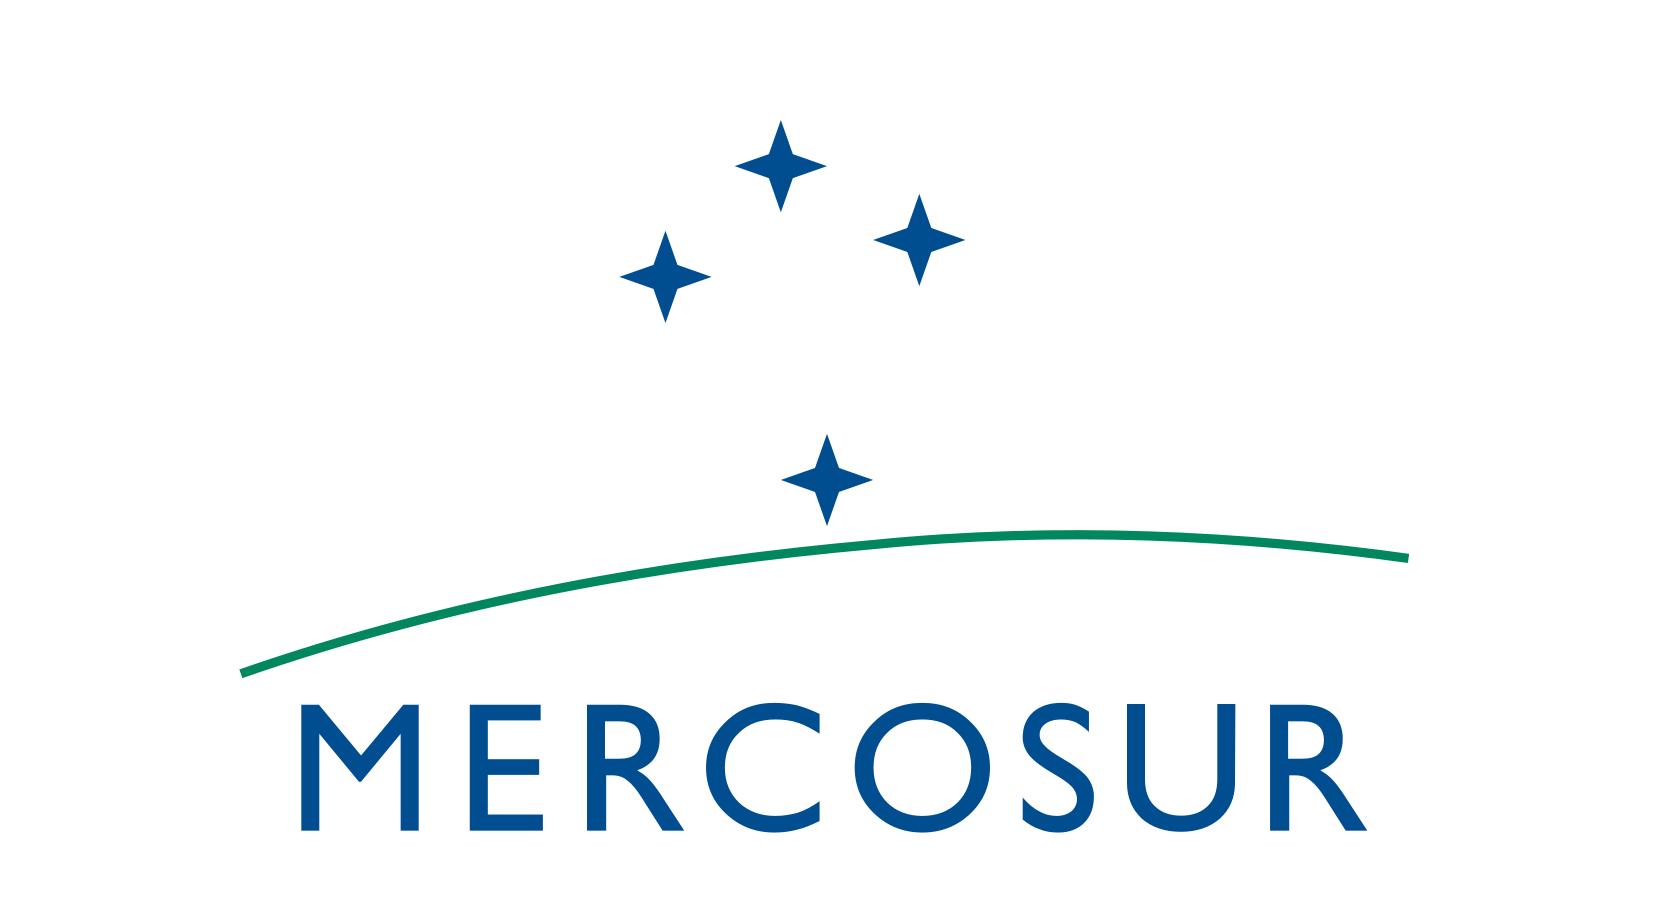 CANADÁ BUSCA EN MERCOSUR UNA NUEVA ALTERNATIVA DE COMERCIO ANTE DESEQUILIBRIO DEL TLCAN